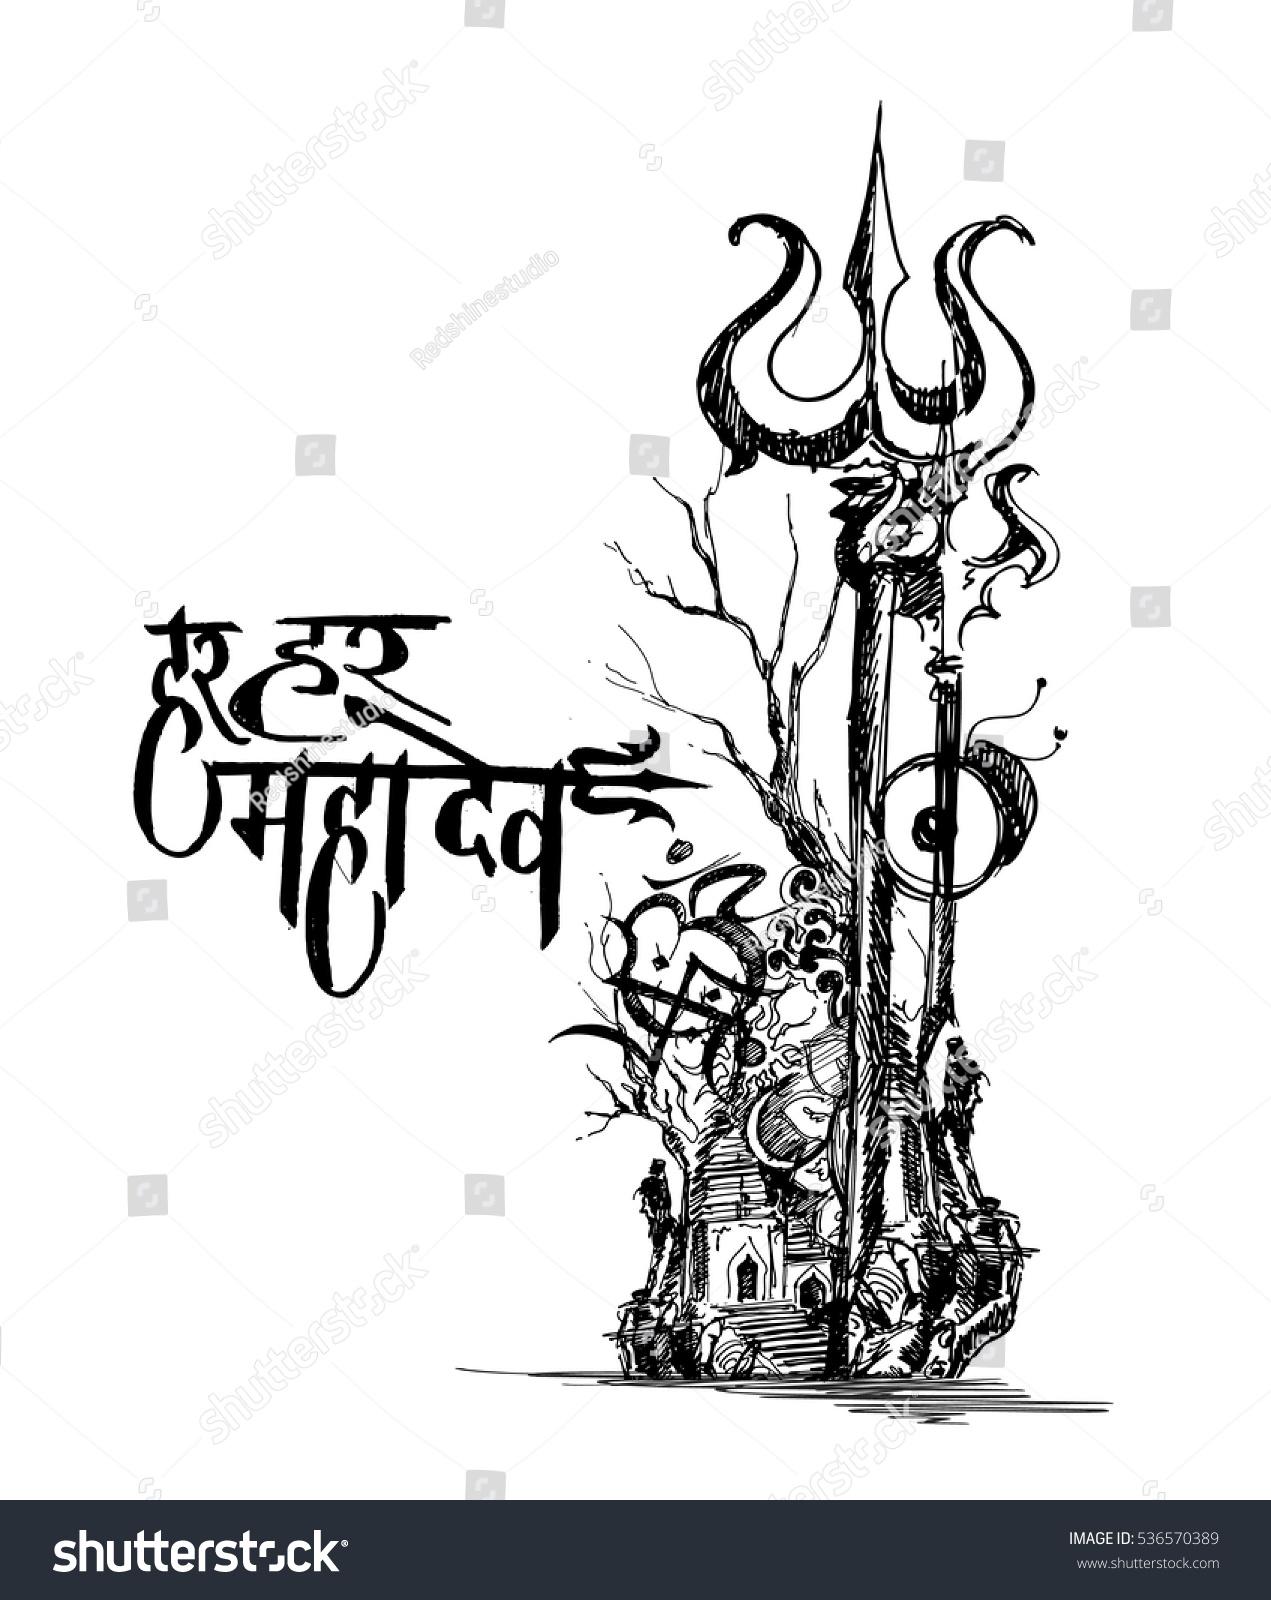 Lord shiva trishul picture - Illustration Of Floral Trishul For Lord Shiva Sketch Monochrome Happy Shivratri